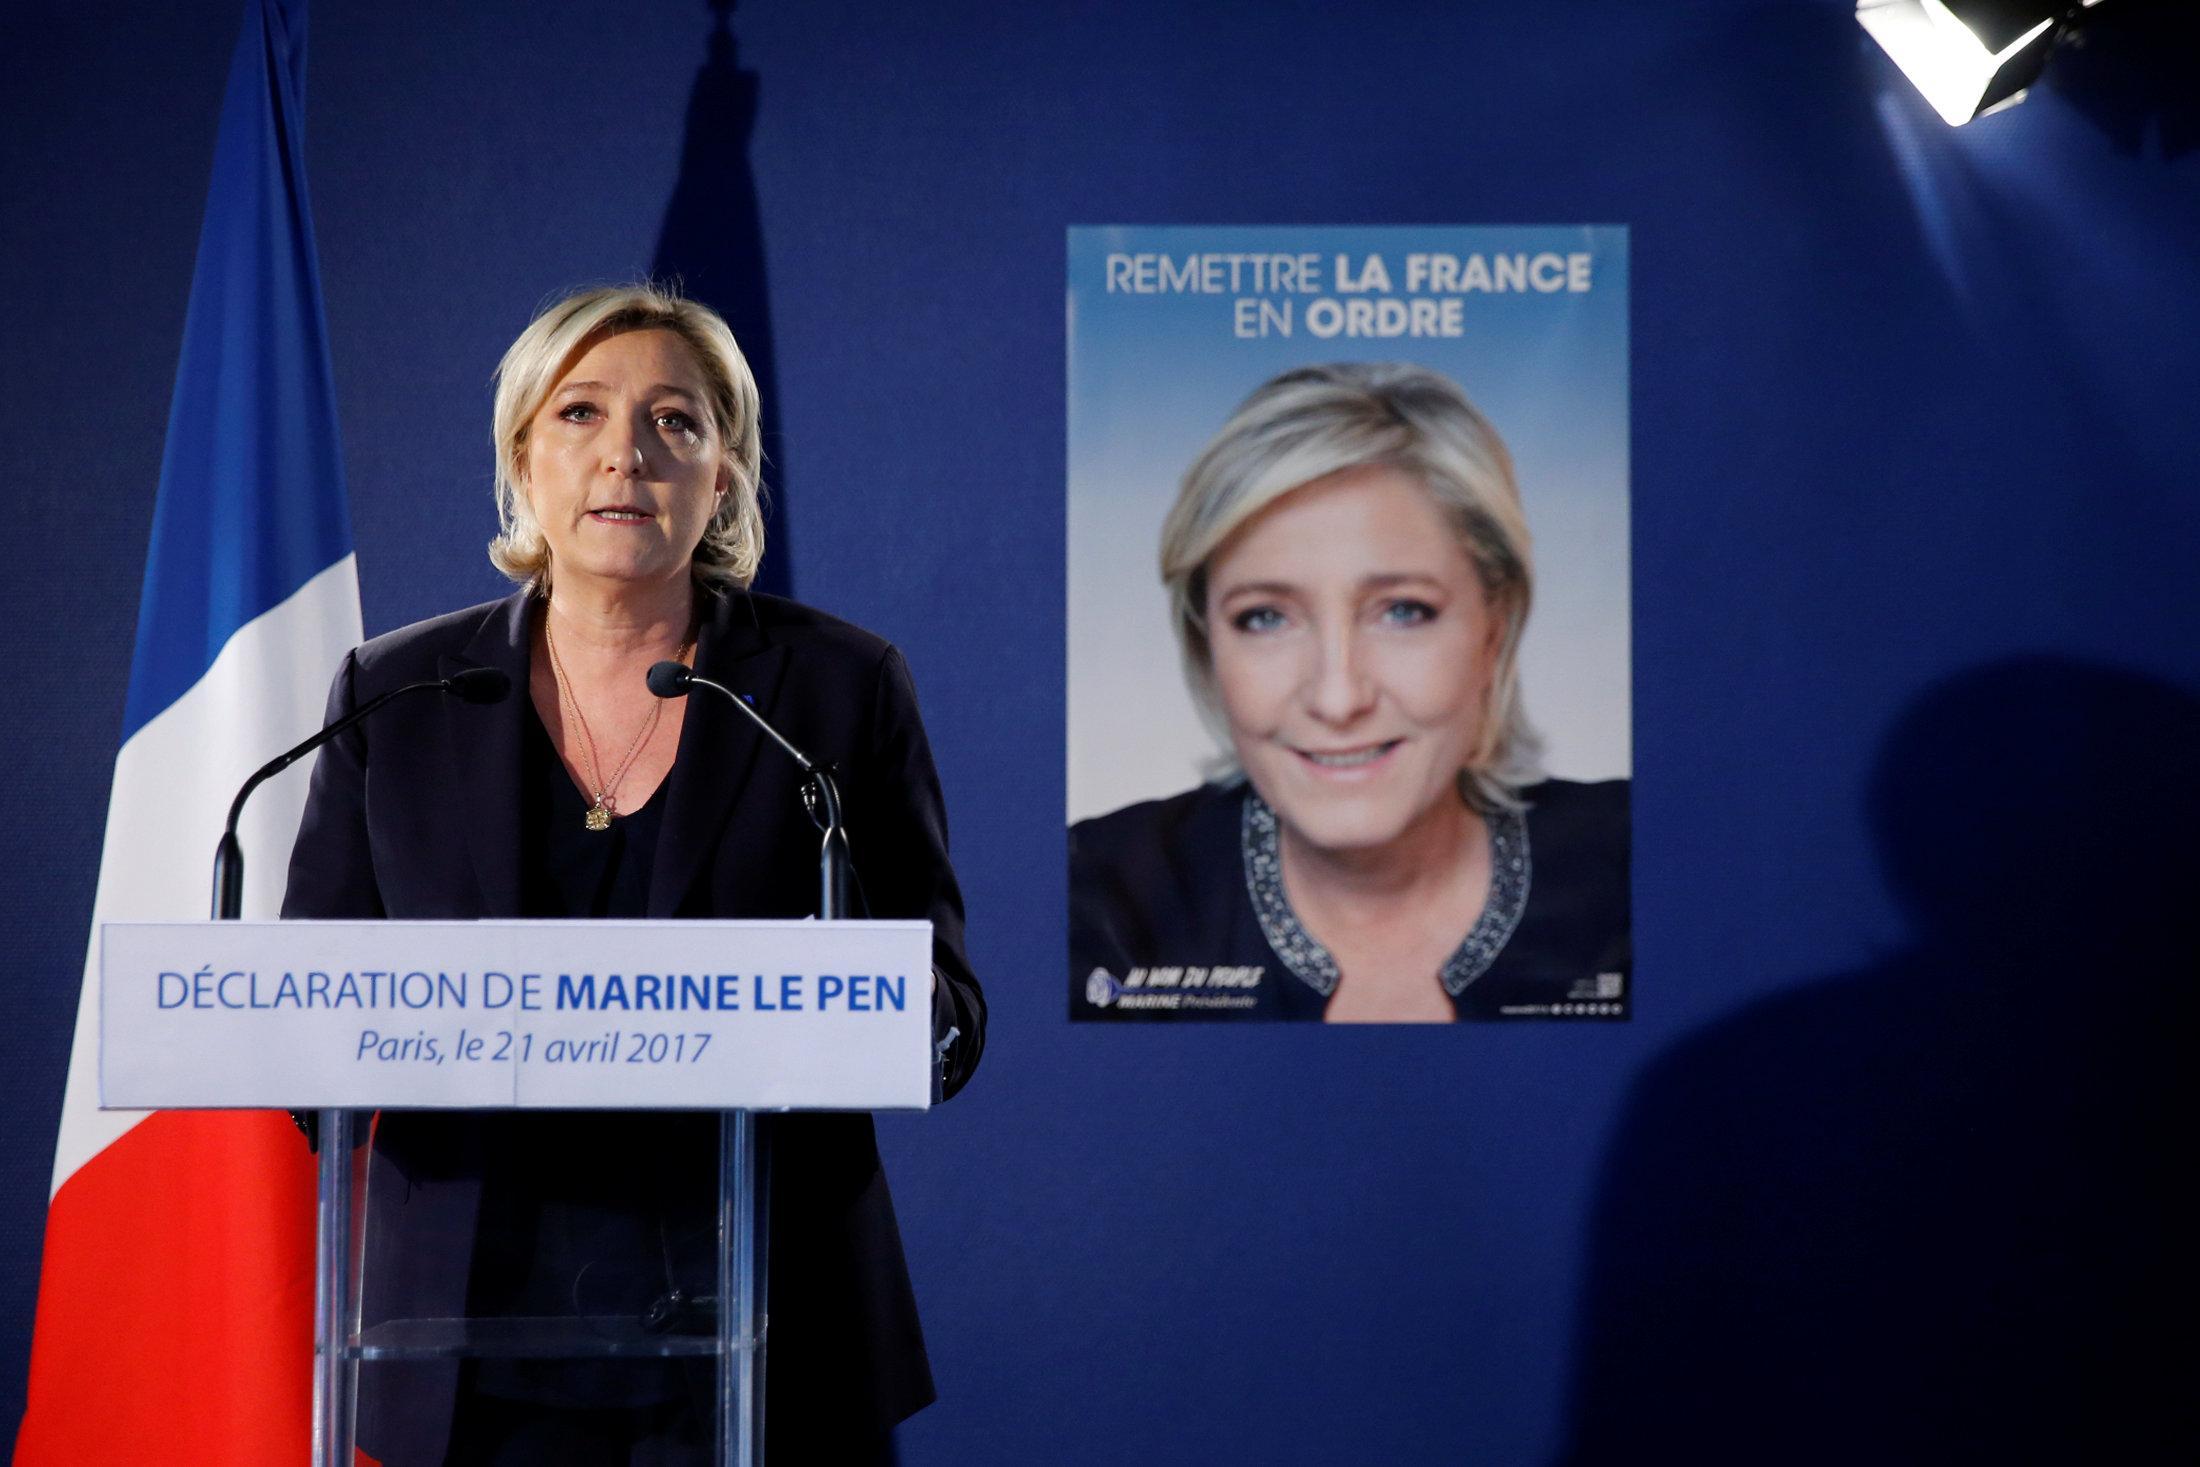 Chi è Marine Le Pen, la biografia e il programma della candidata alle presidenziali francesi